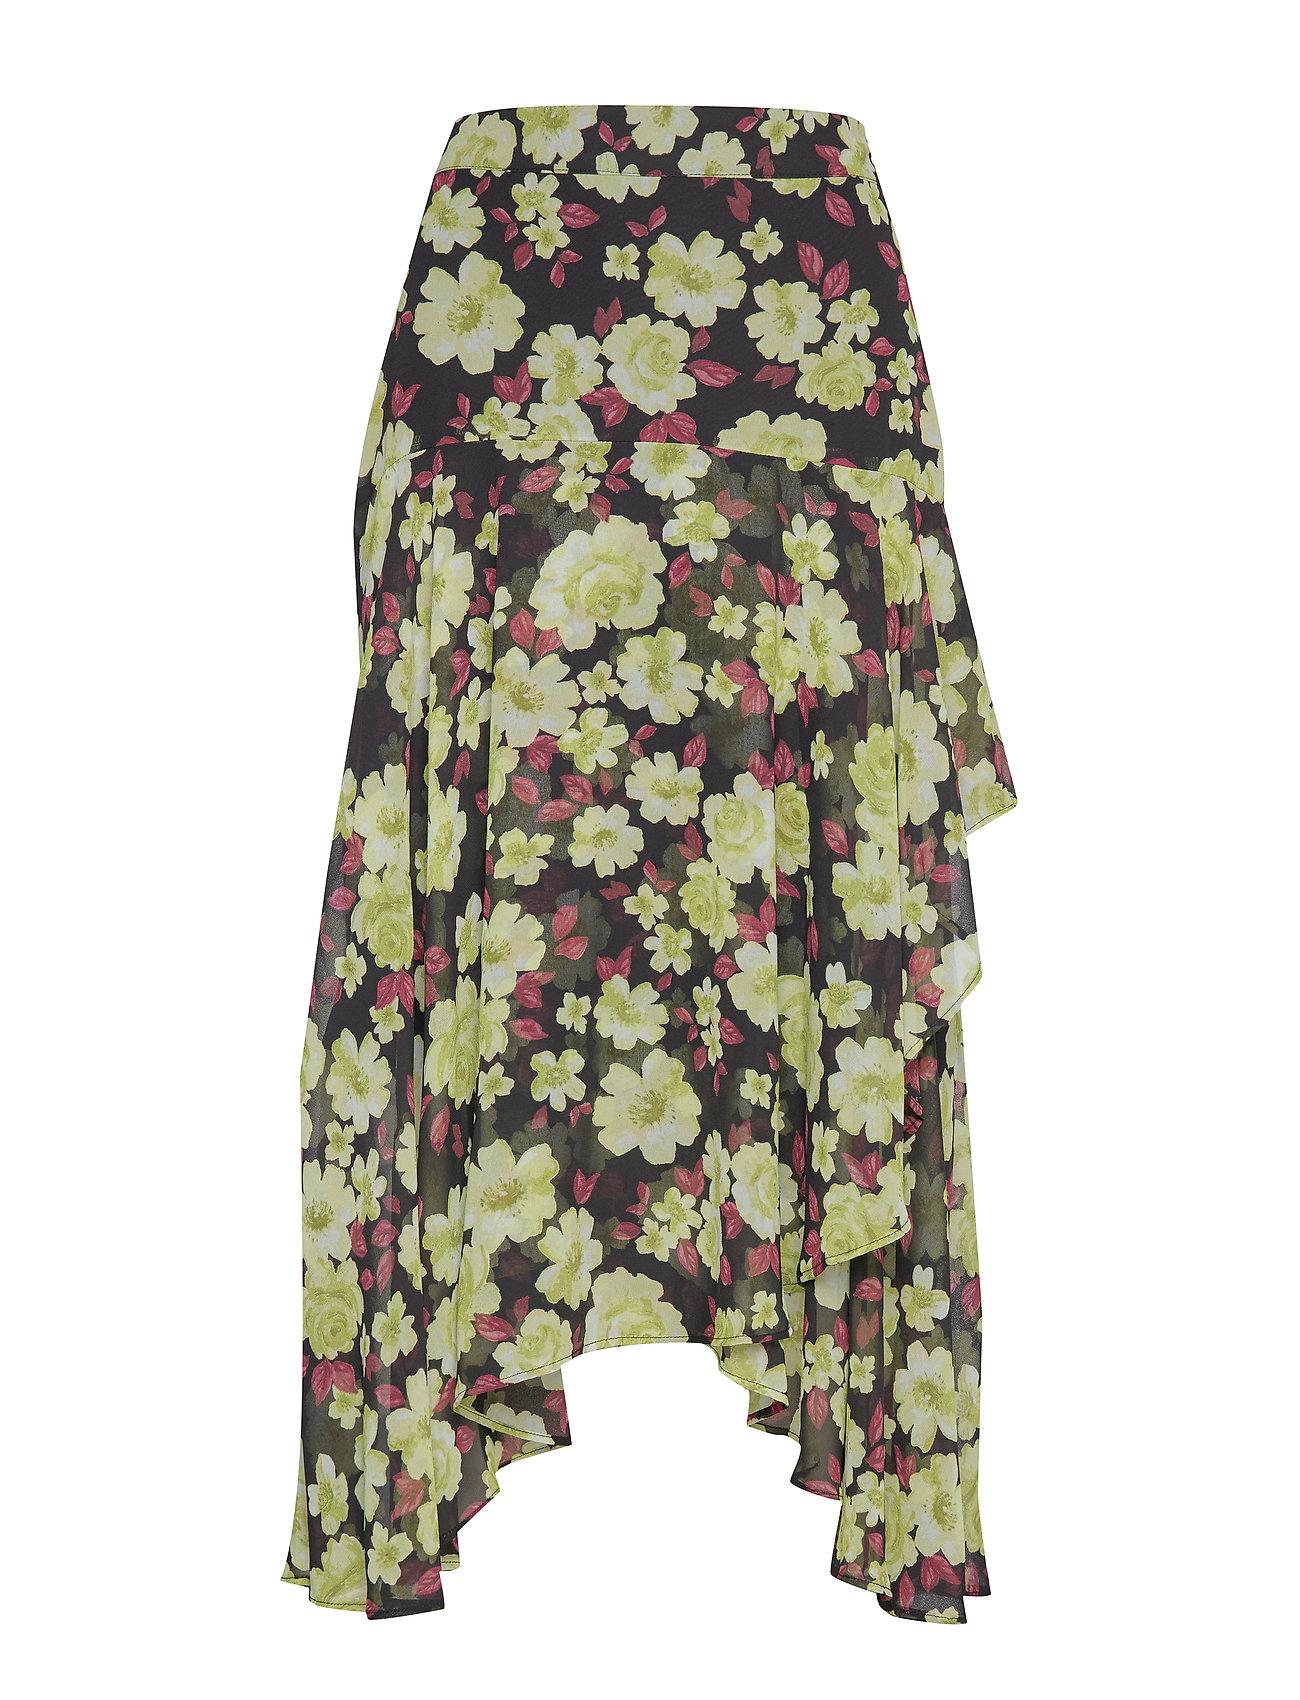 Soaked in Luxury SL Carlie Skirt - NILE FLOWER PRINT